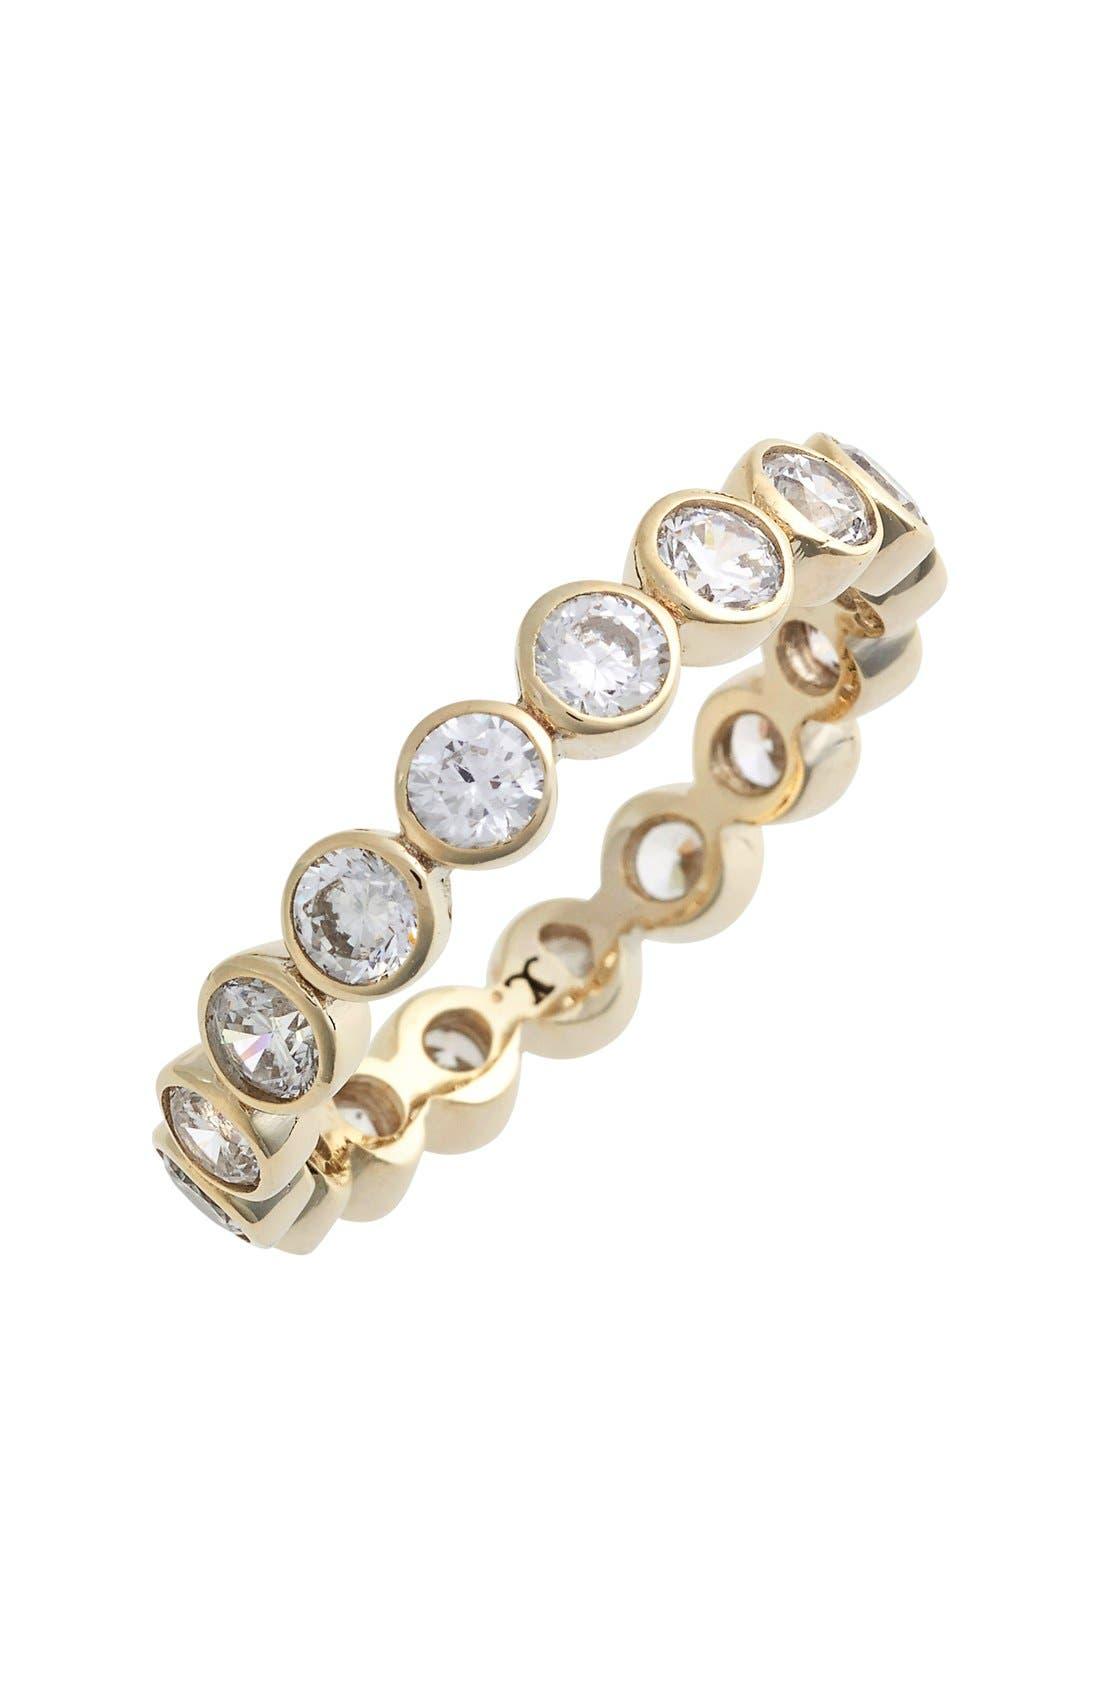 Judith Jack Stackable Cubic Zirconia Bezel Ring